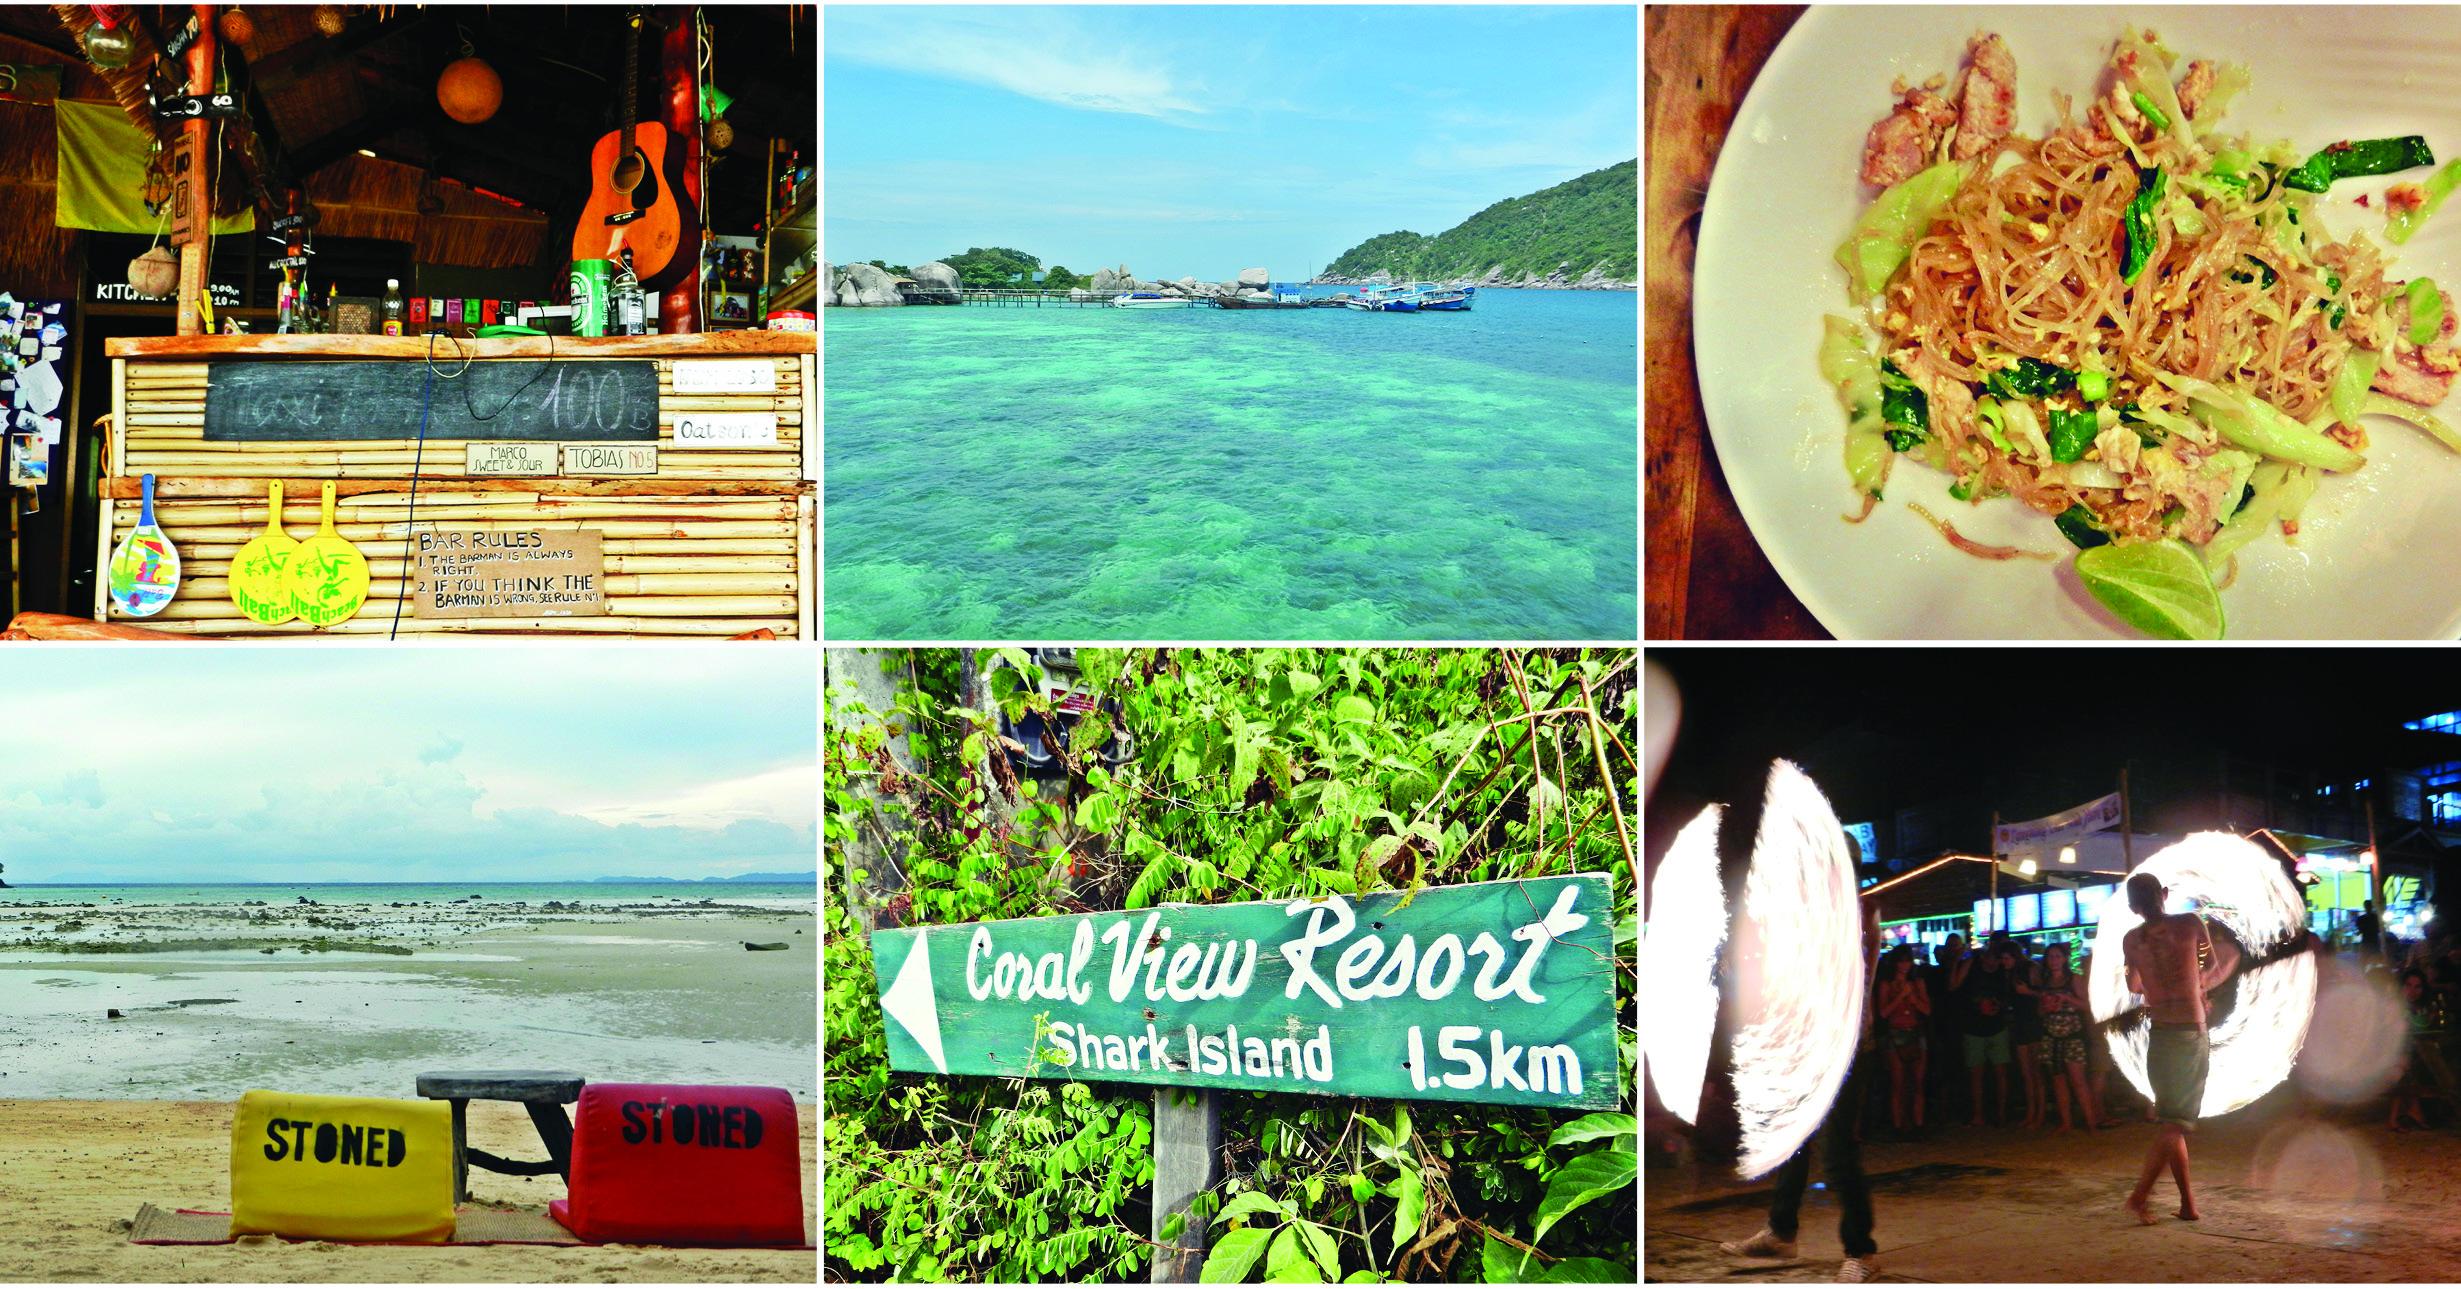 Voyage en Thaïlande. Snorkeling et détente à la plage sur l'île de Koh Tao. Délicieux Pad thaï et Full moon party à Koh Phangan